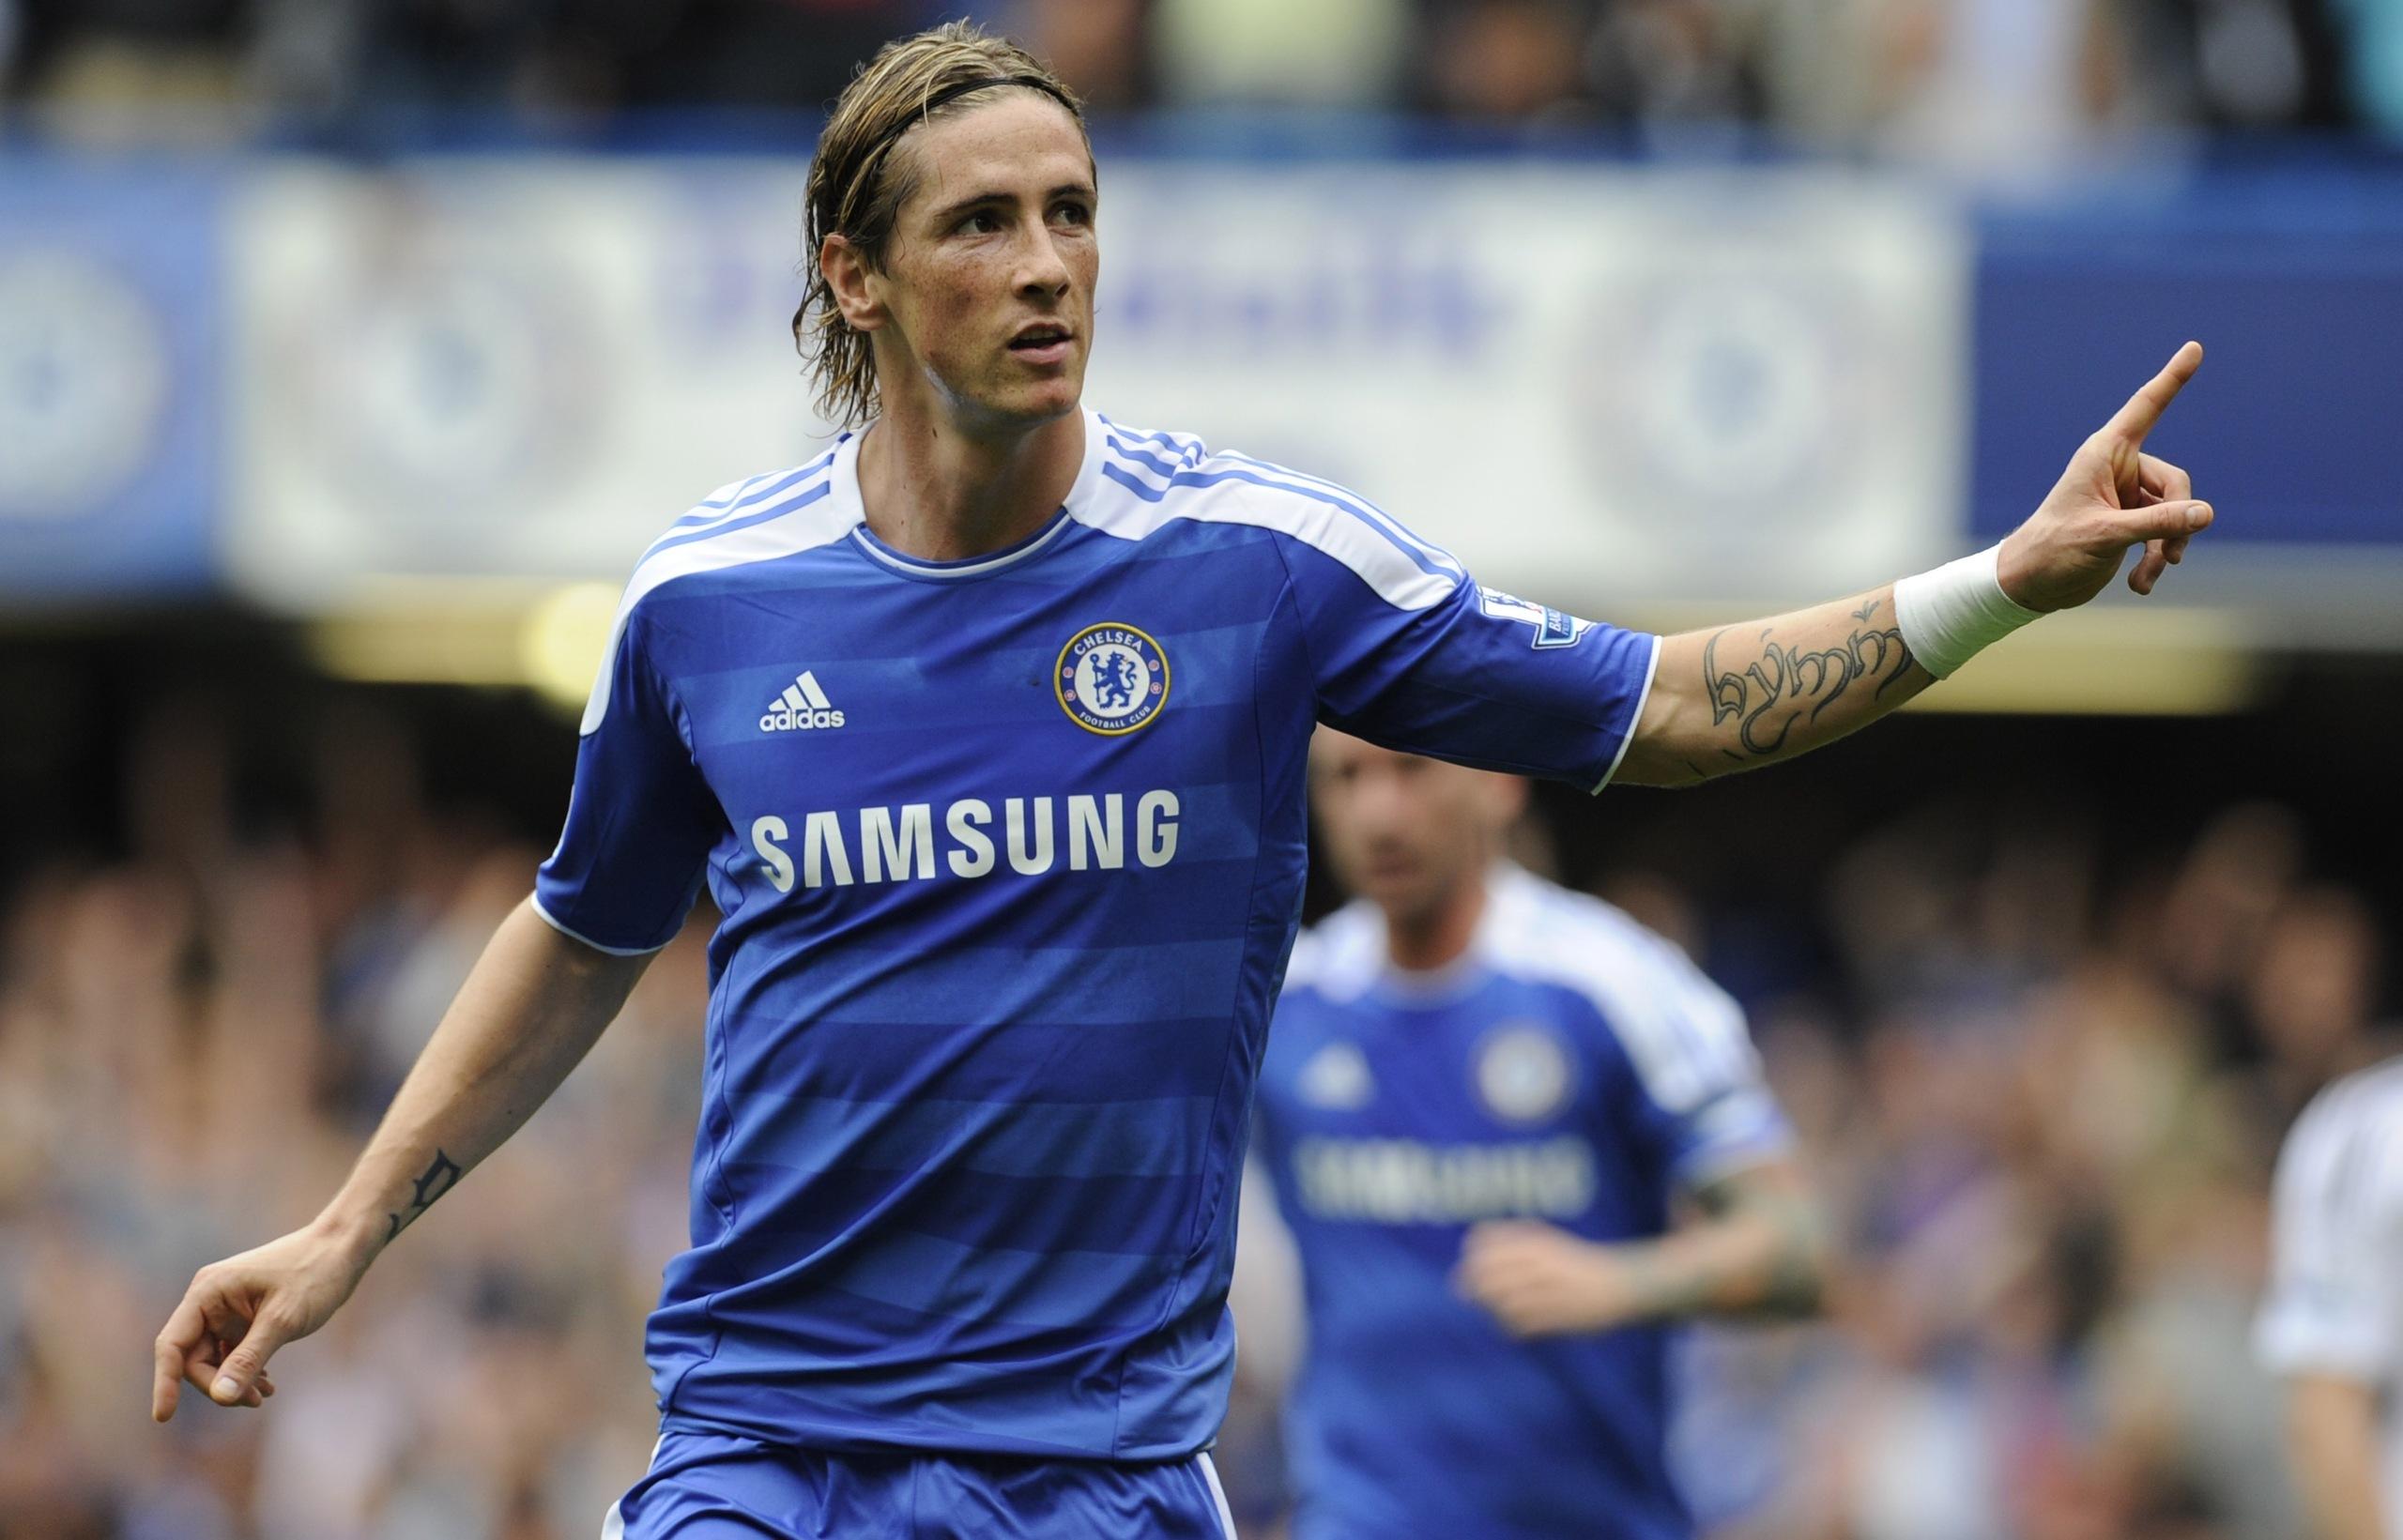 Fernando José Torres Sanz Fuenlabrada Madrid 20 de marzo de 1984 más conocido como Fernando Torres es un futbolista español que juega como delantero en el